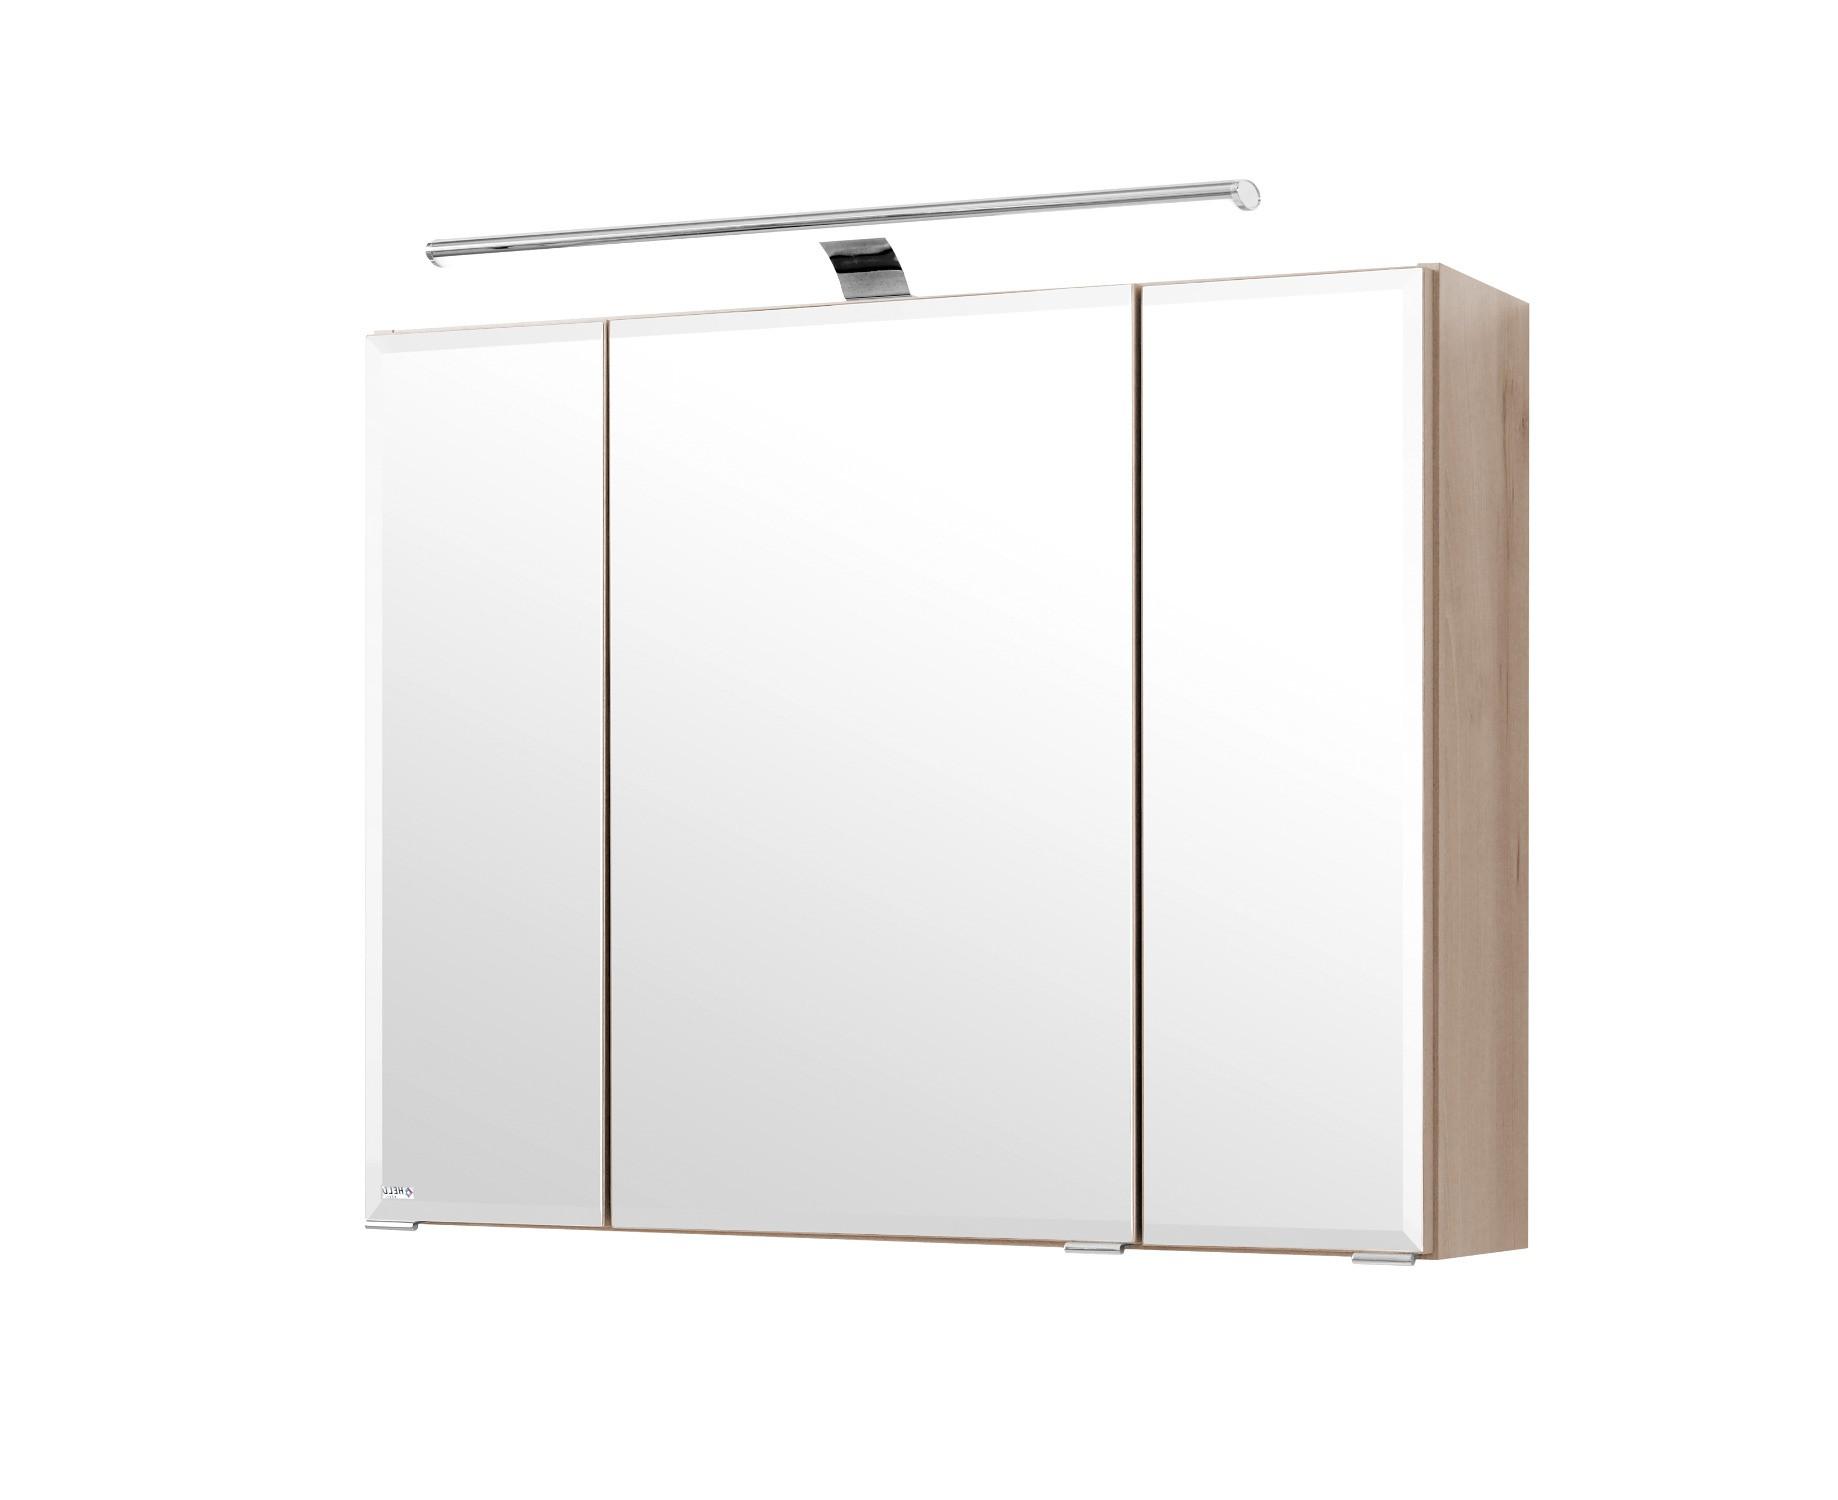 bad spiegelschrank 80 cm breit jl83 hitoiro. Black Bedroom Furniture Sets. Home Design Ideas